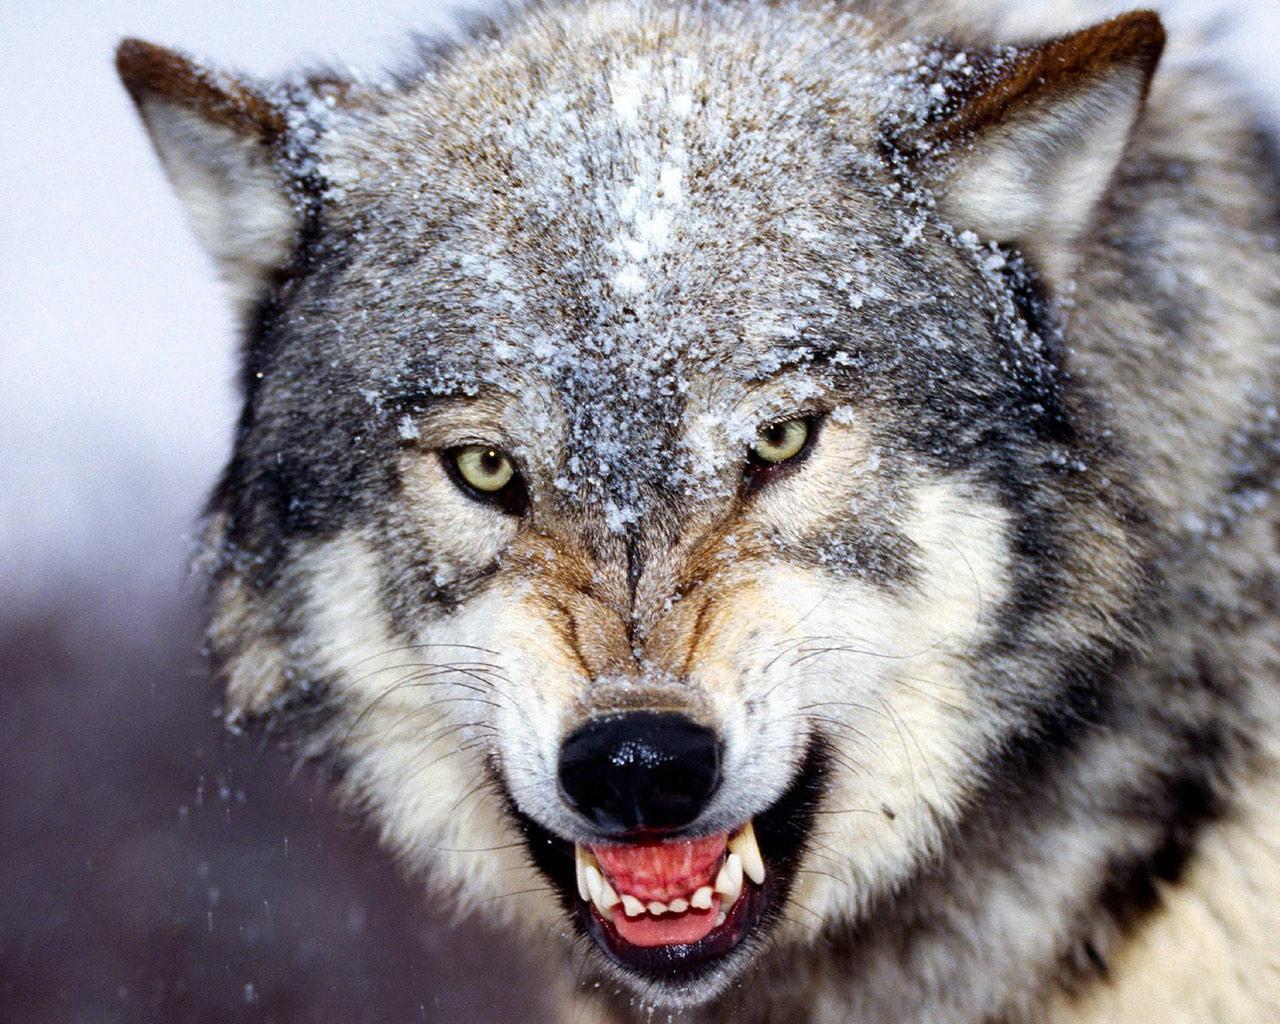 دئب..افعى..نخلة..وردة...قمة و روعة التشبيه  Wolf-wallpaper-4